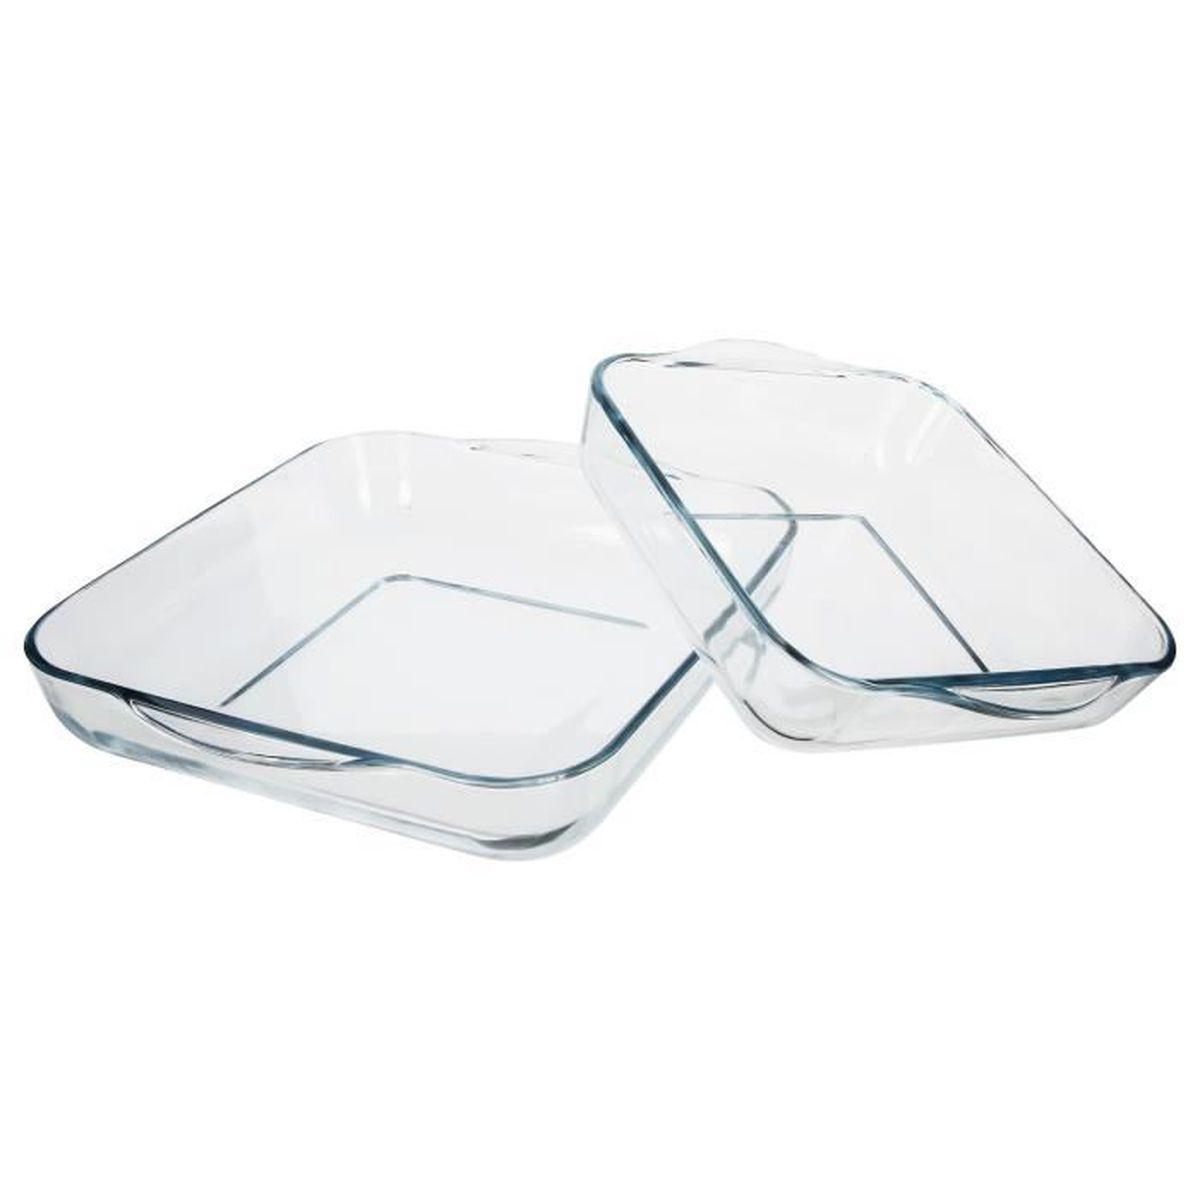 Plat En Verre Sur Plaque Induction 2 plats culinaires carrés - verre